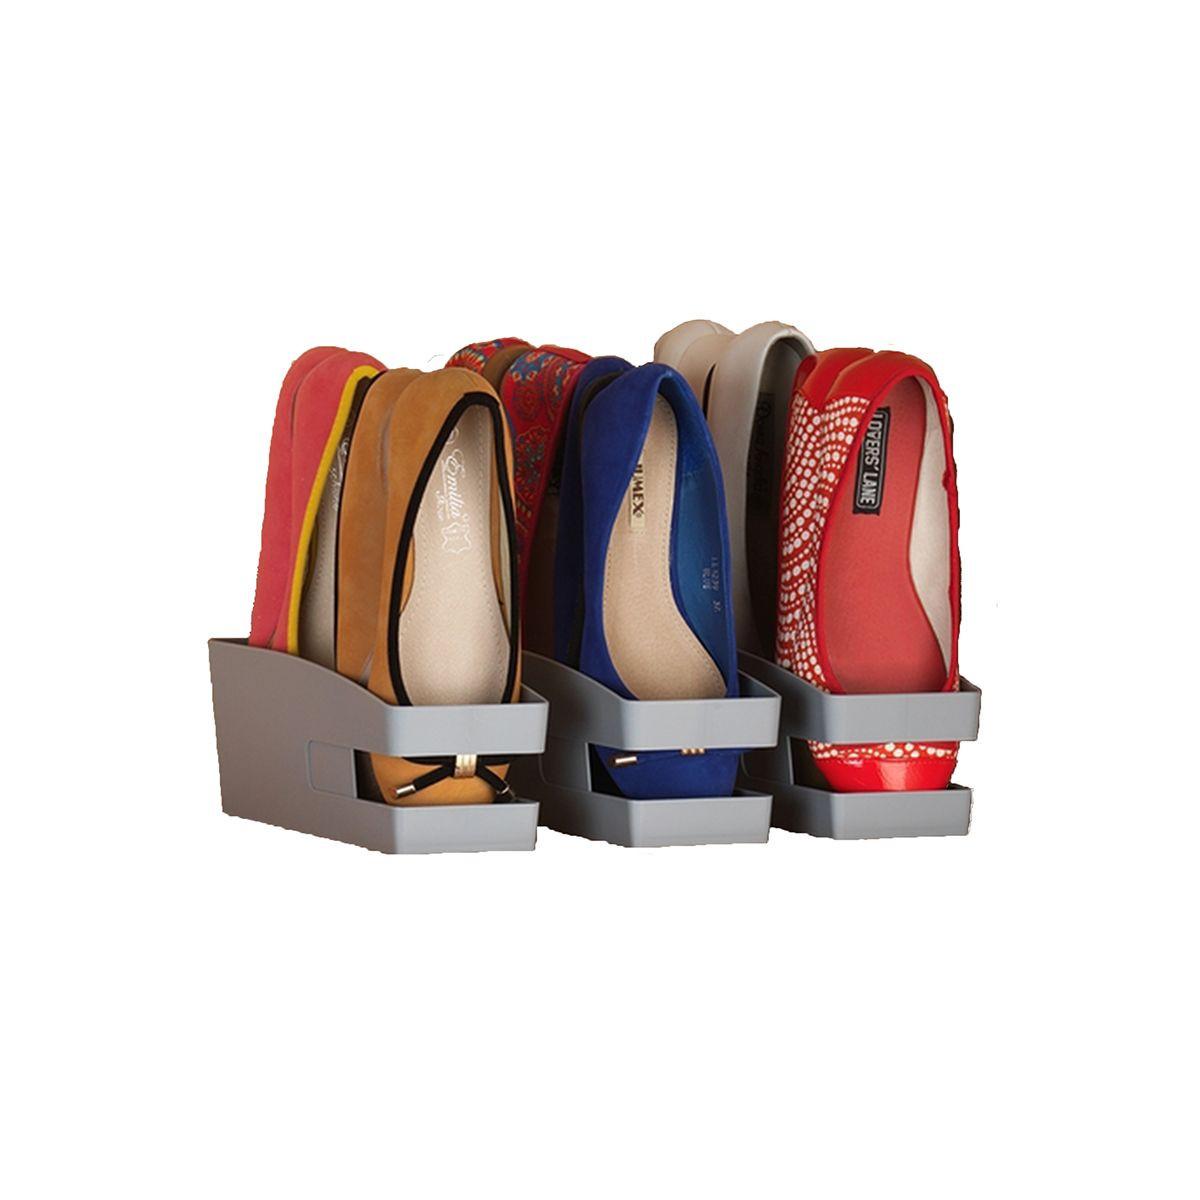 Rangement À Chaussures Gain De Place 3 range chaussures gain de place